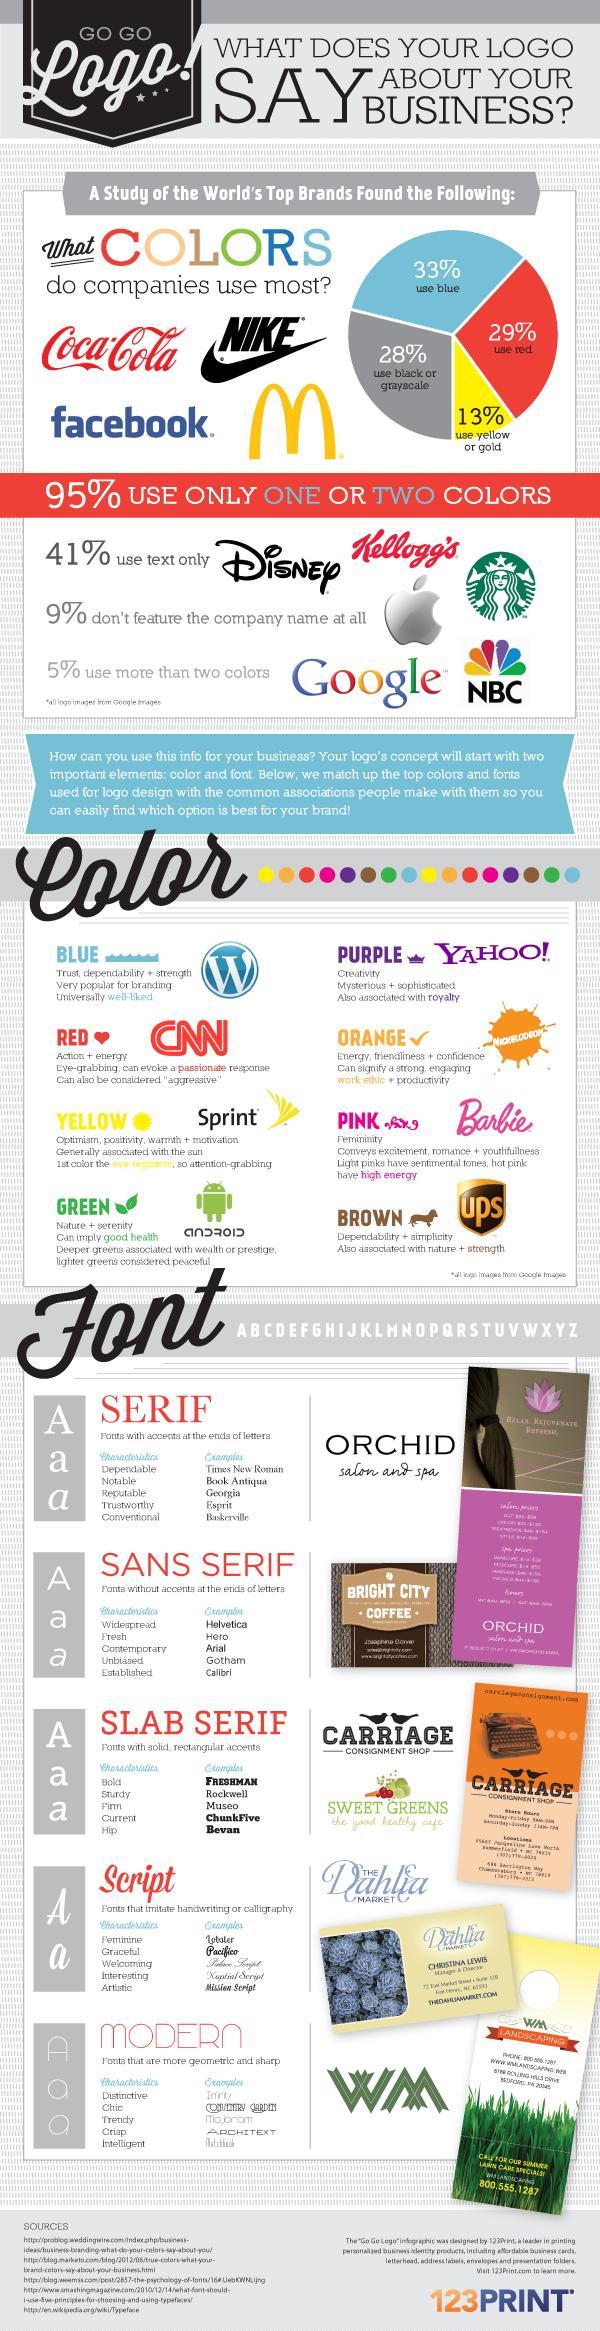 123Print-Infographic-Designing-Logo